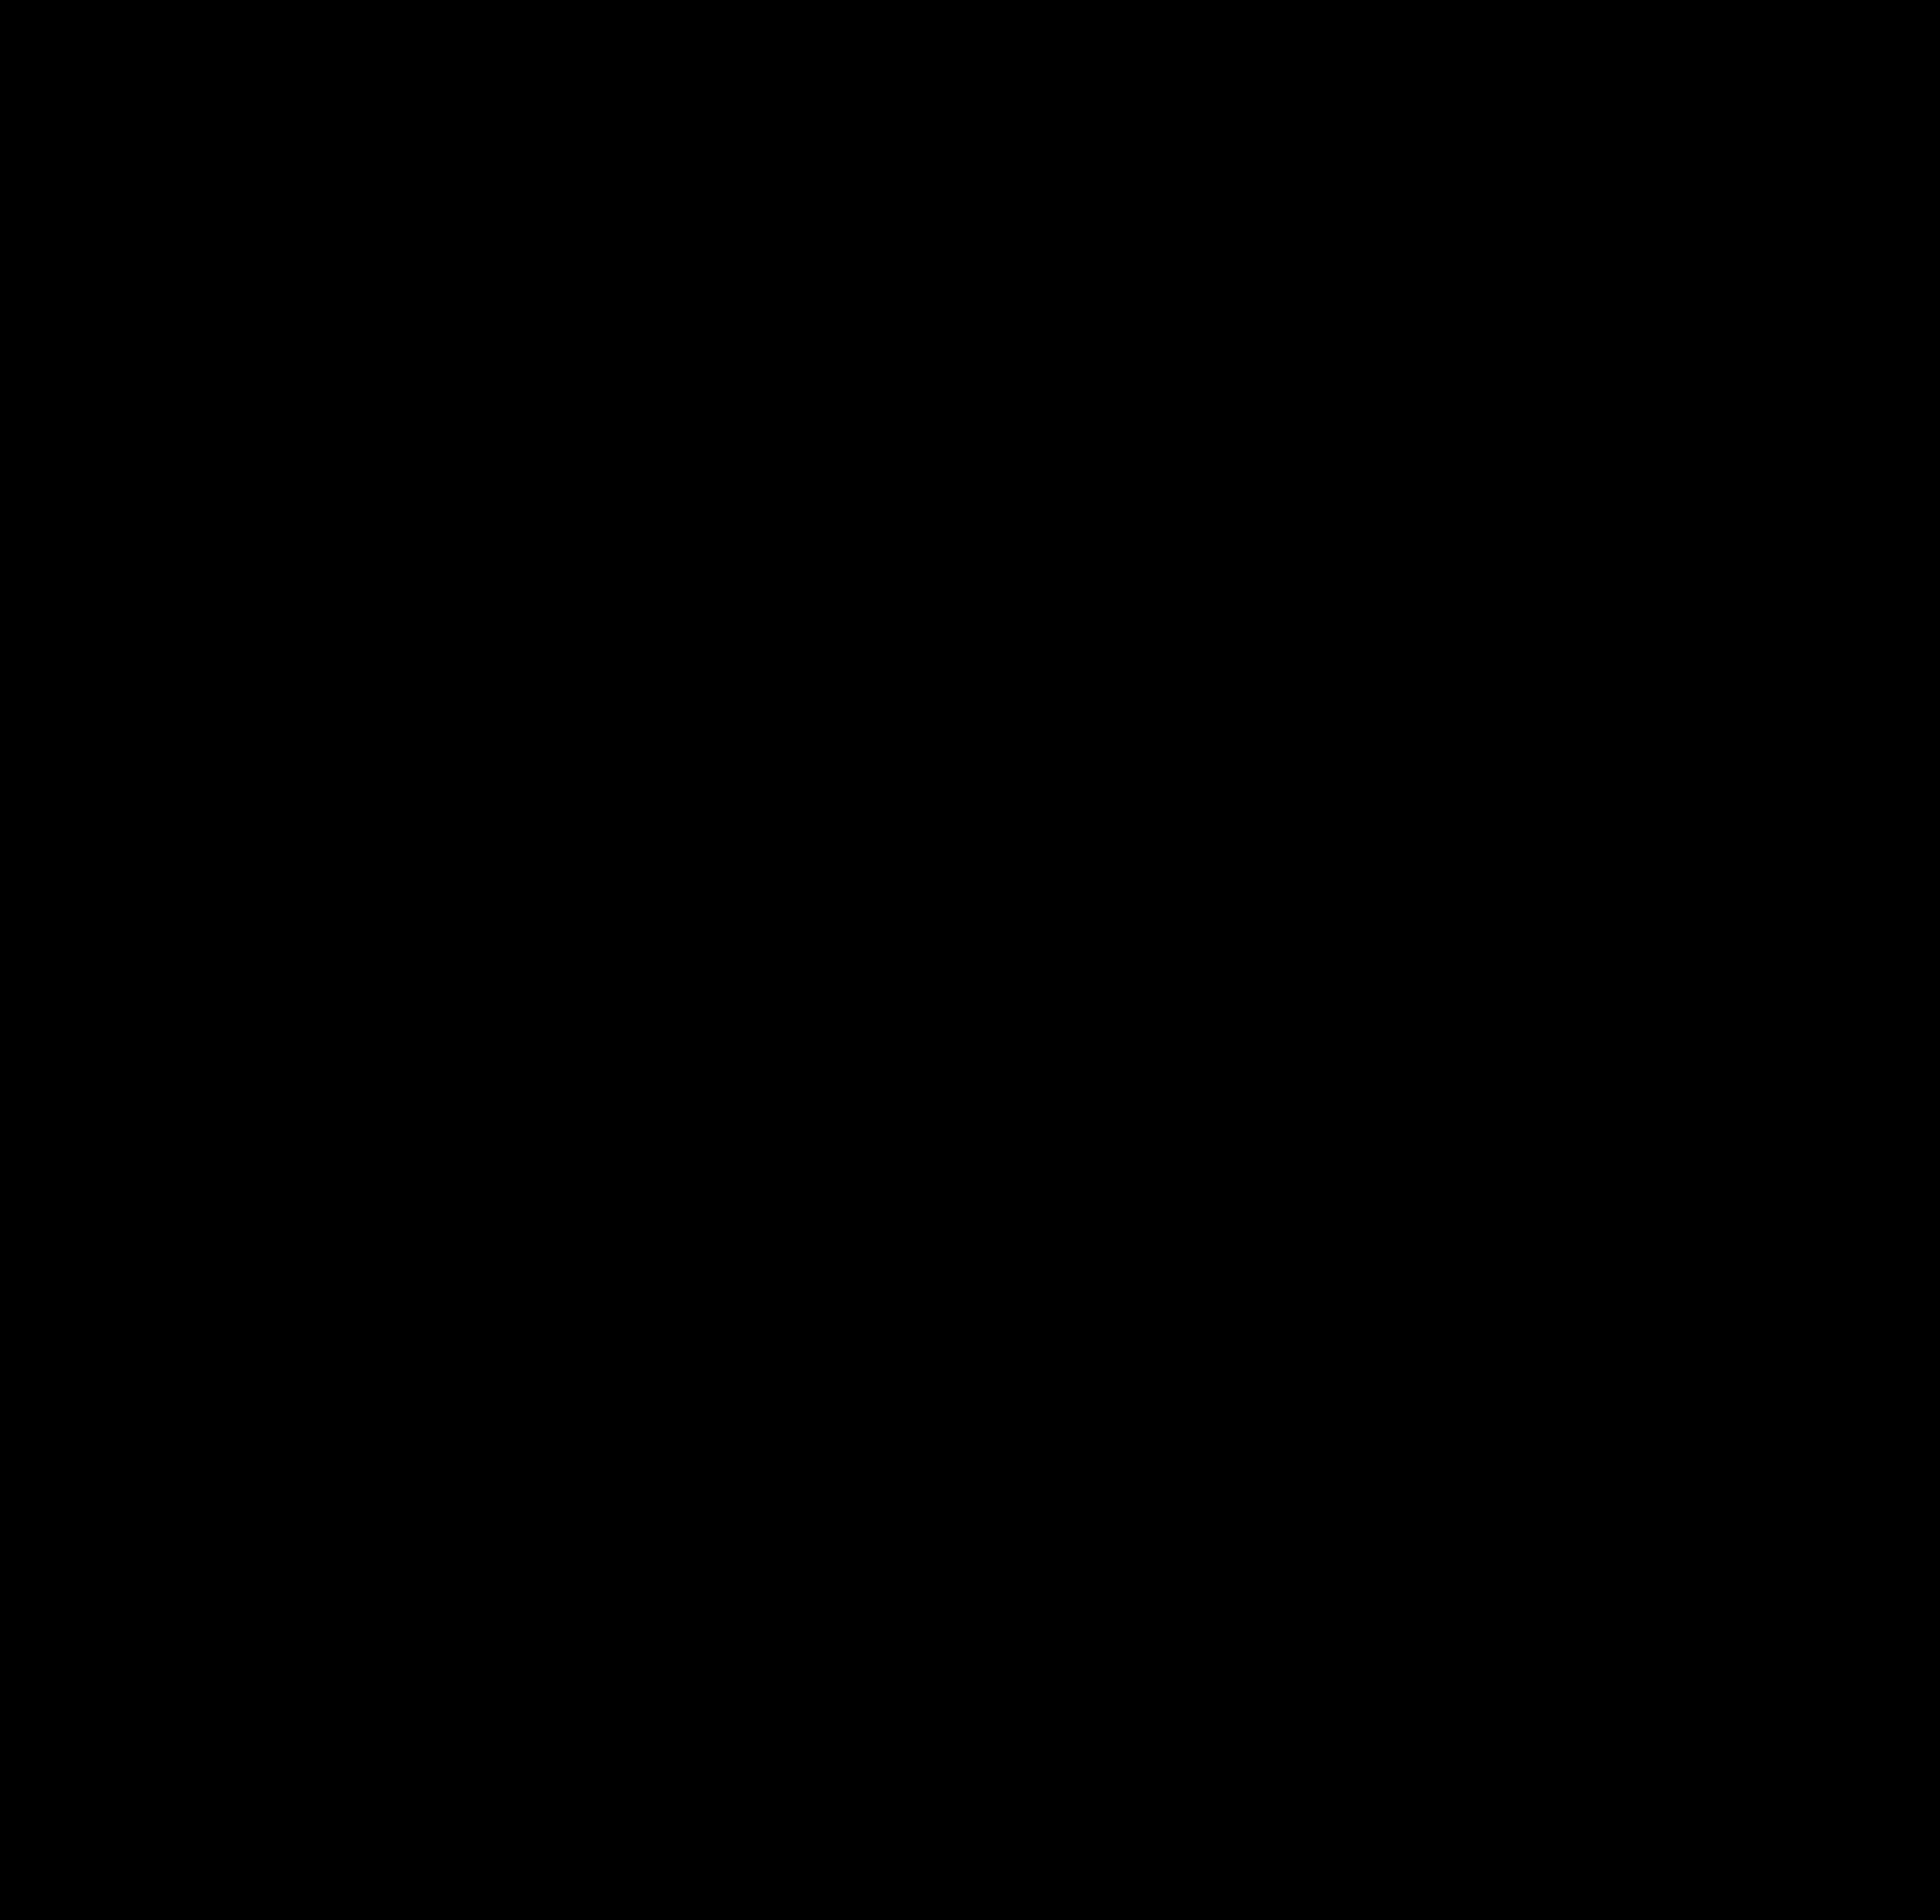 2000x1971 Fileenso.svg